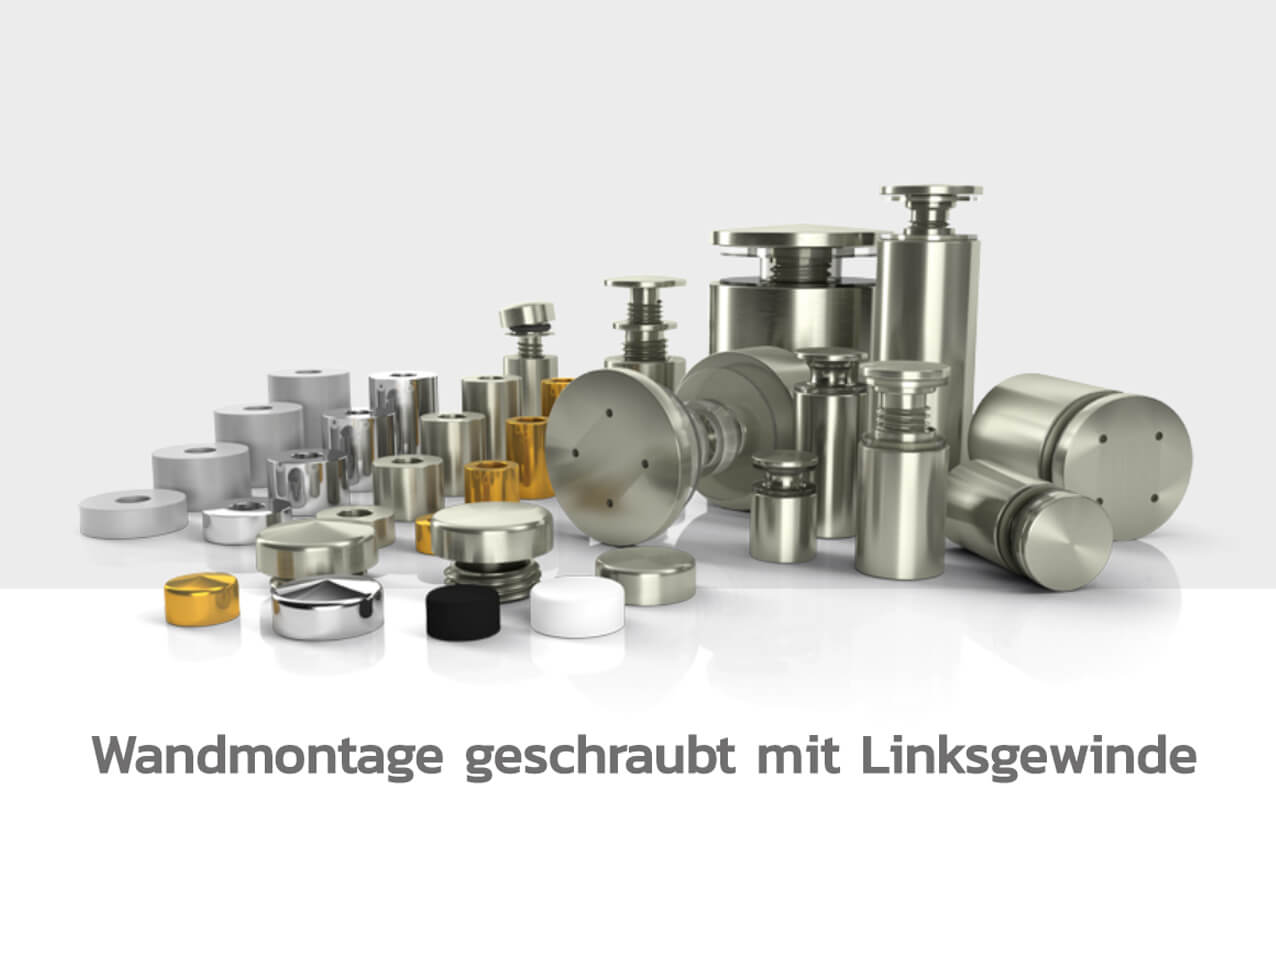 Schilderbefestigung-Schildhalter-Abstandshalter-Edelstahl-Wandmontage-Linksgewinde5ea32dc36179b